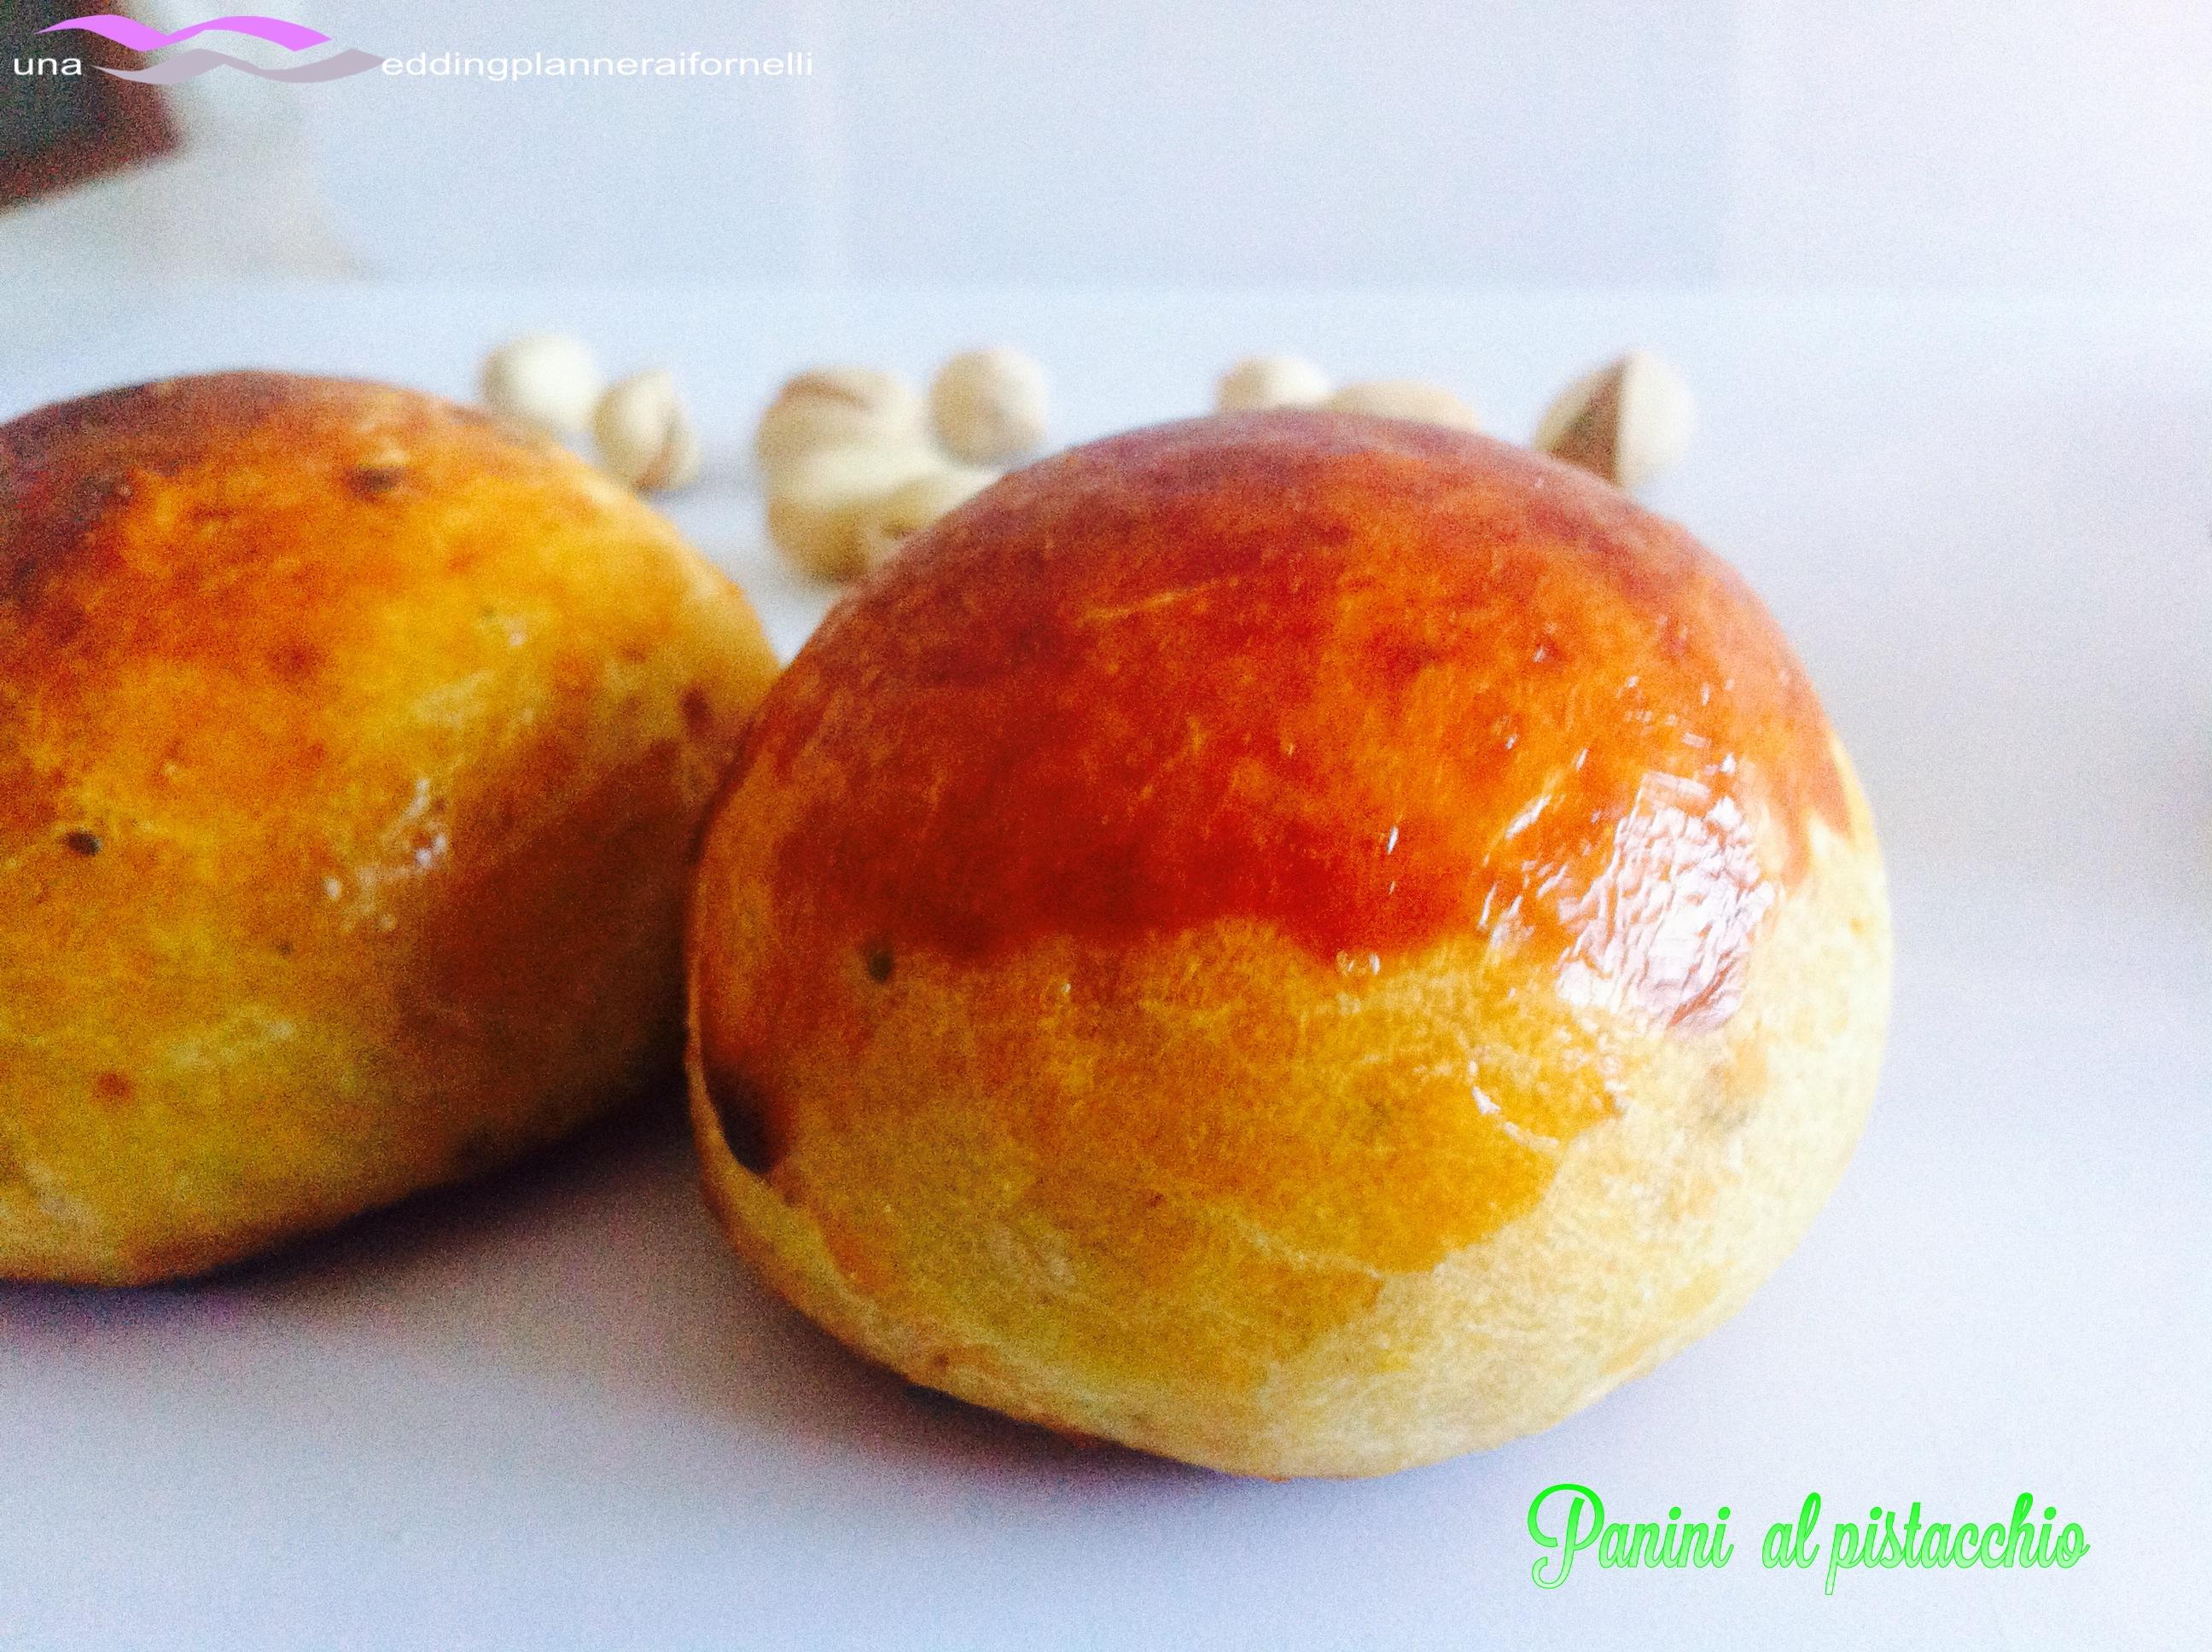 Panini da buffet al pistacchio